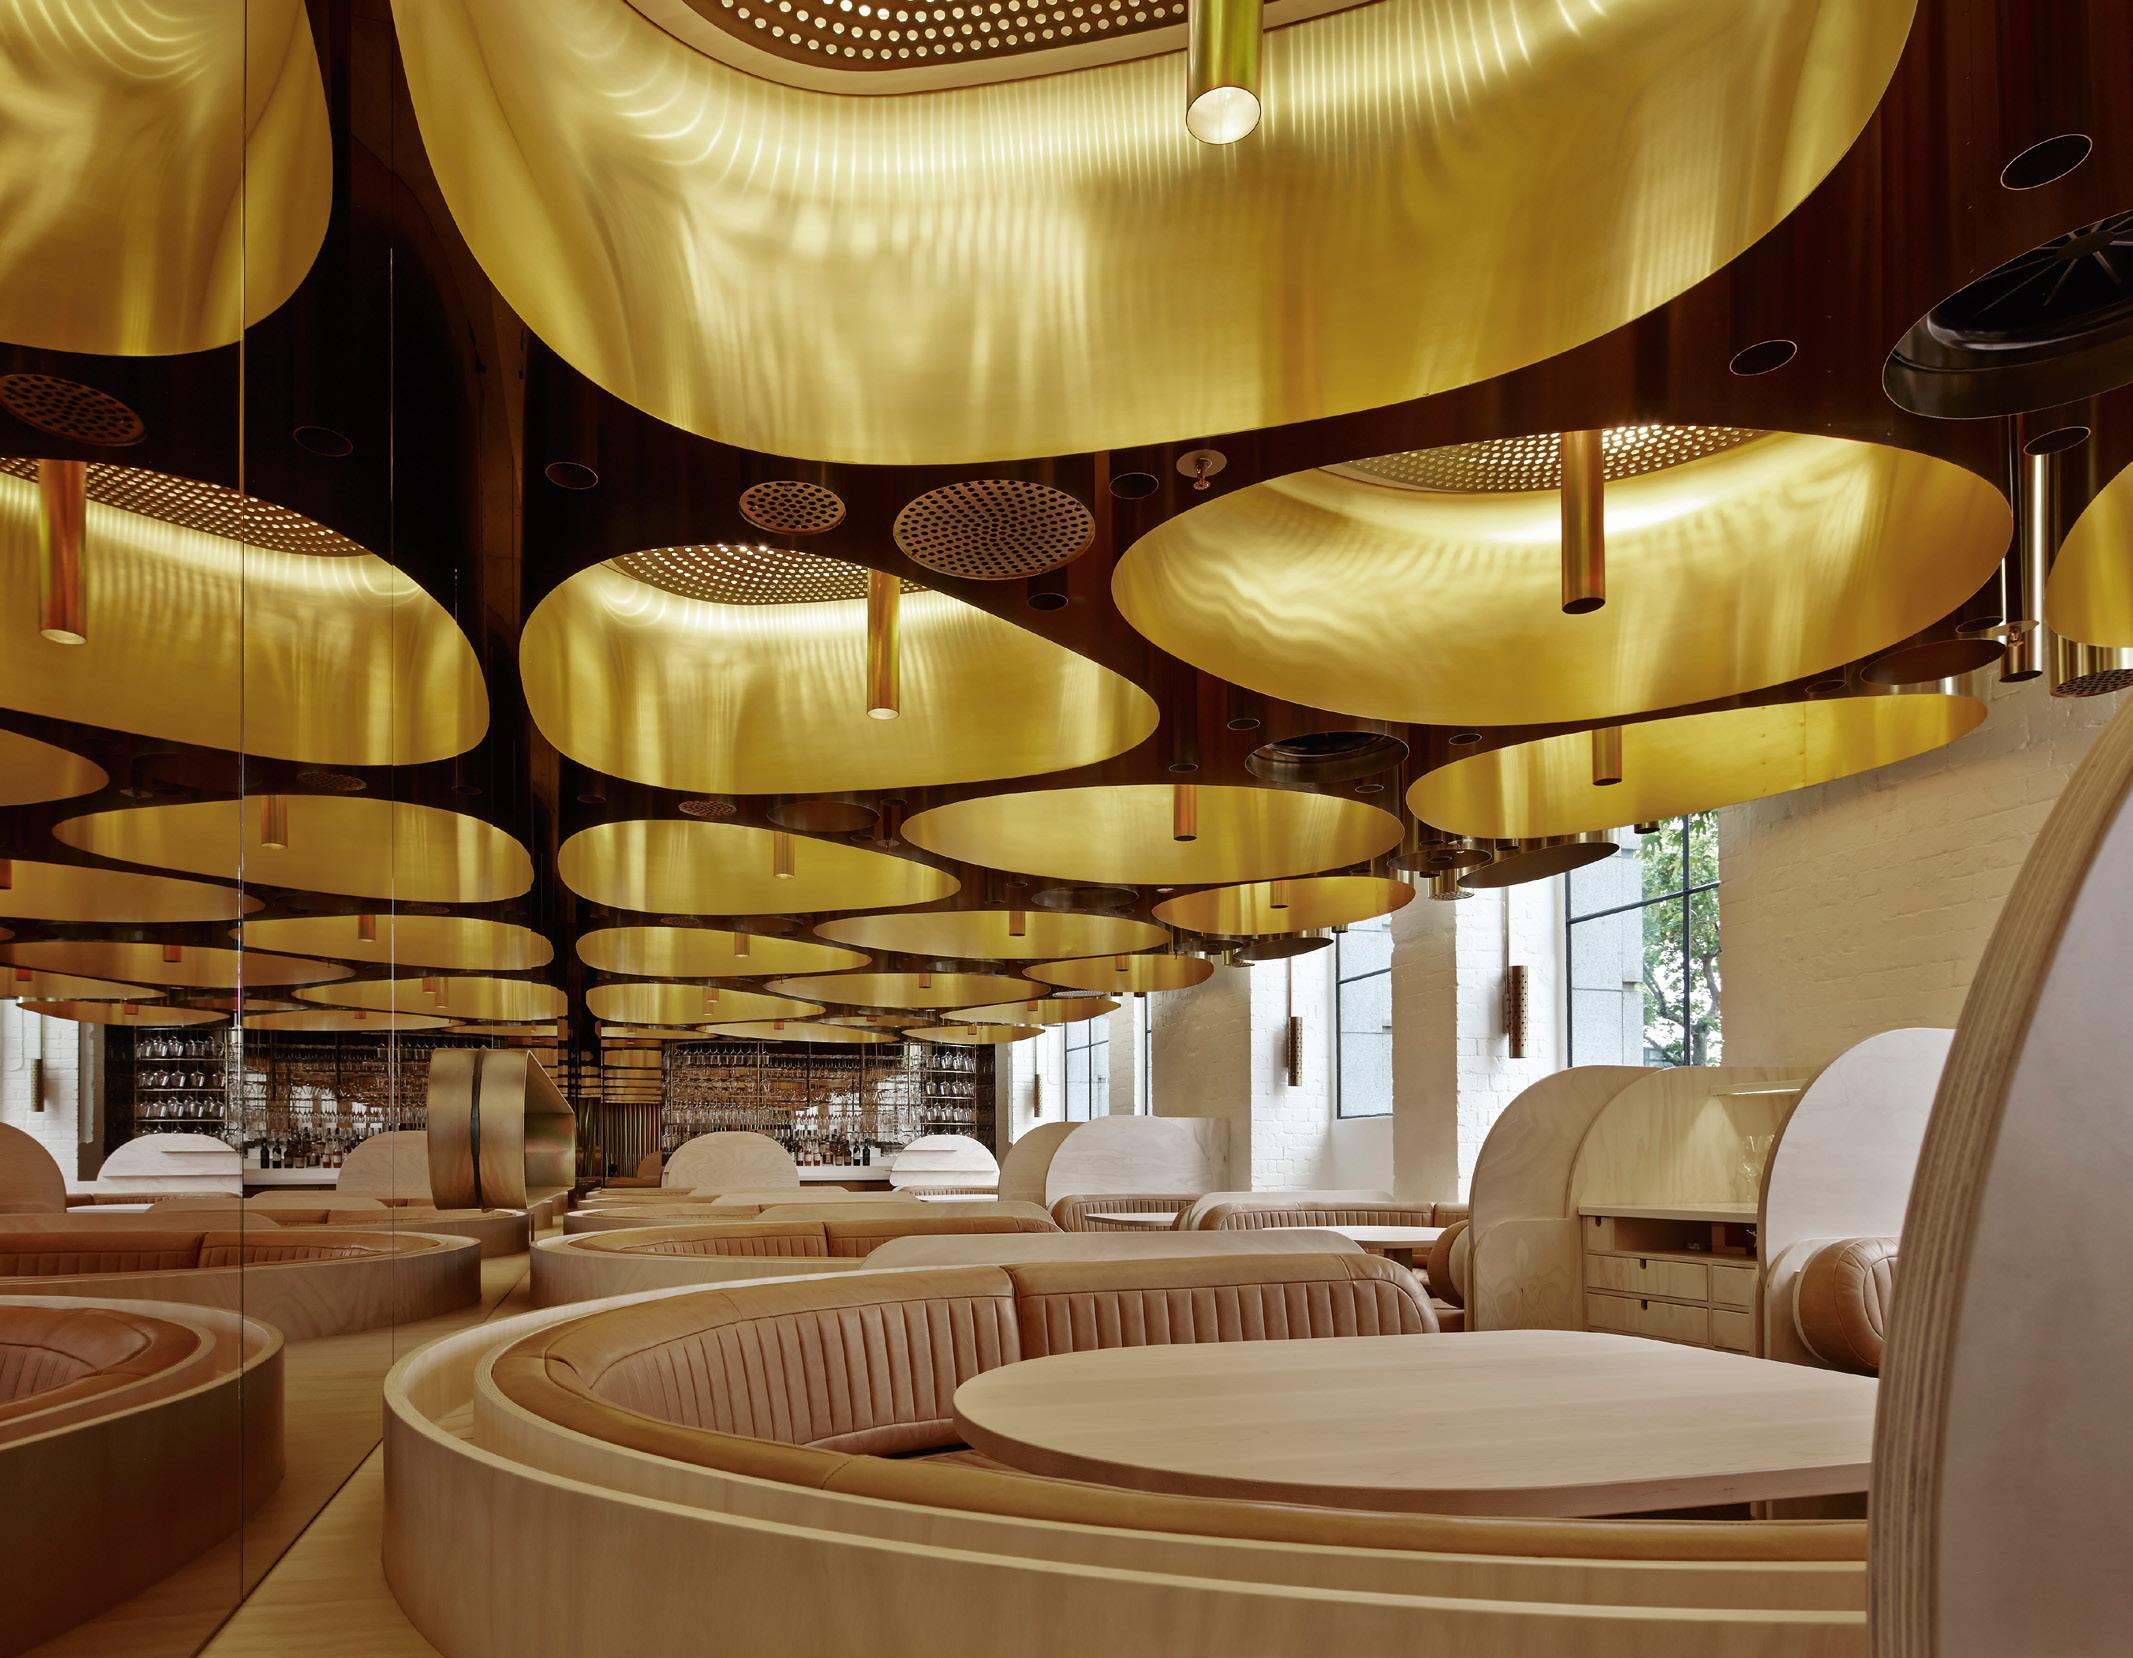 17 stunning restaurant designs from around the world Style